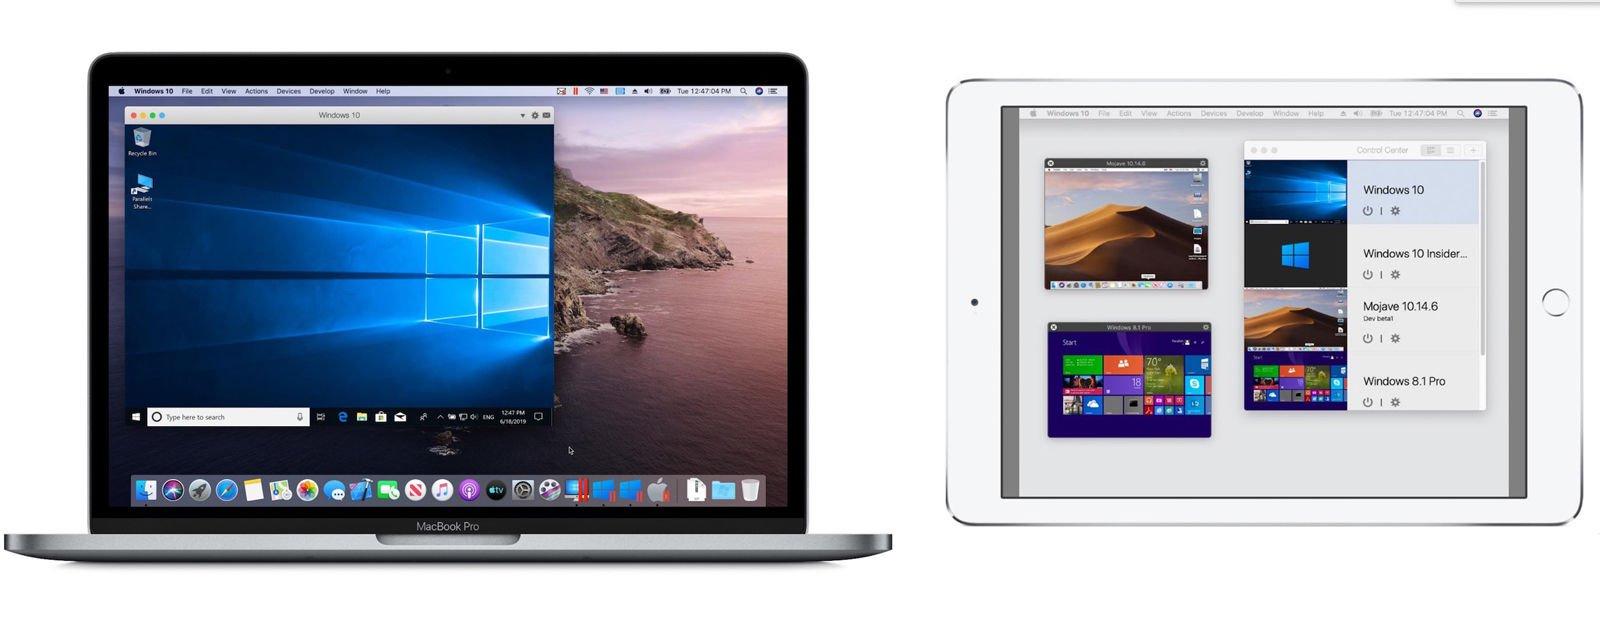 Revisión de Parallels Desktop 15 para Mac: sidecar